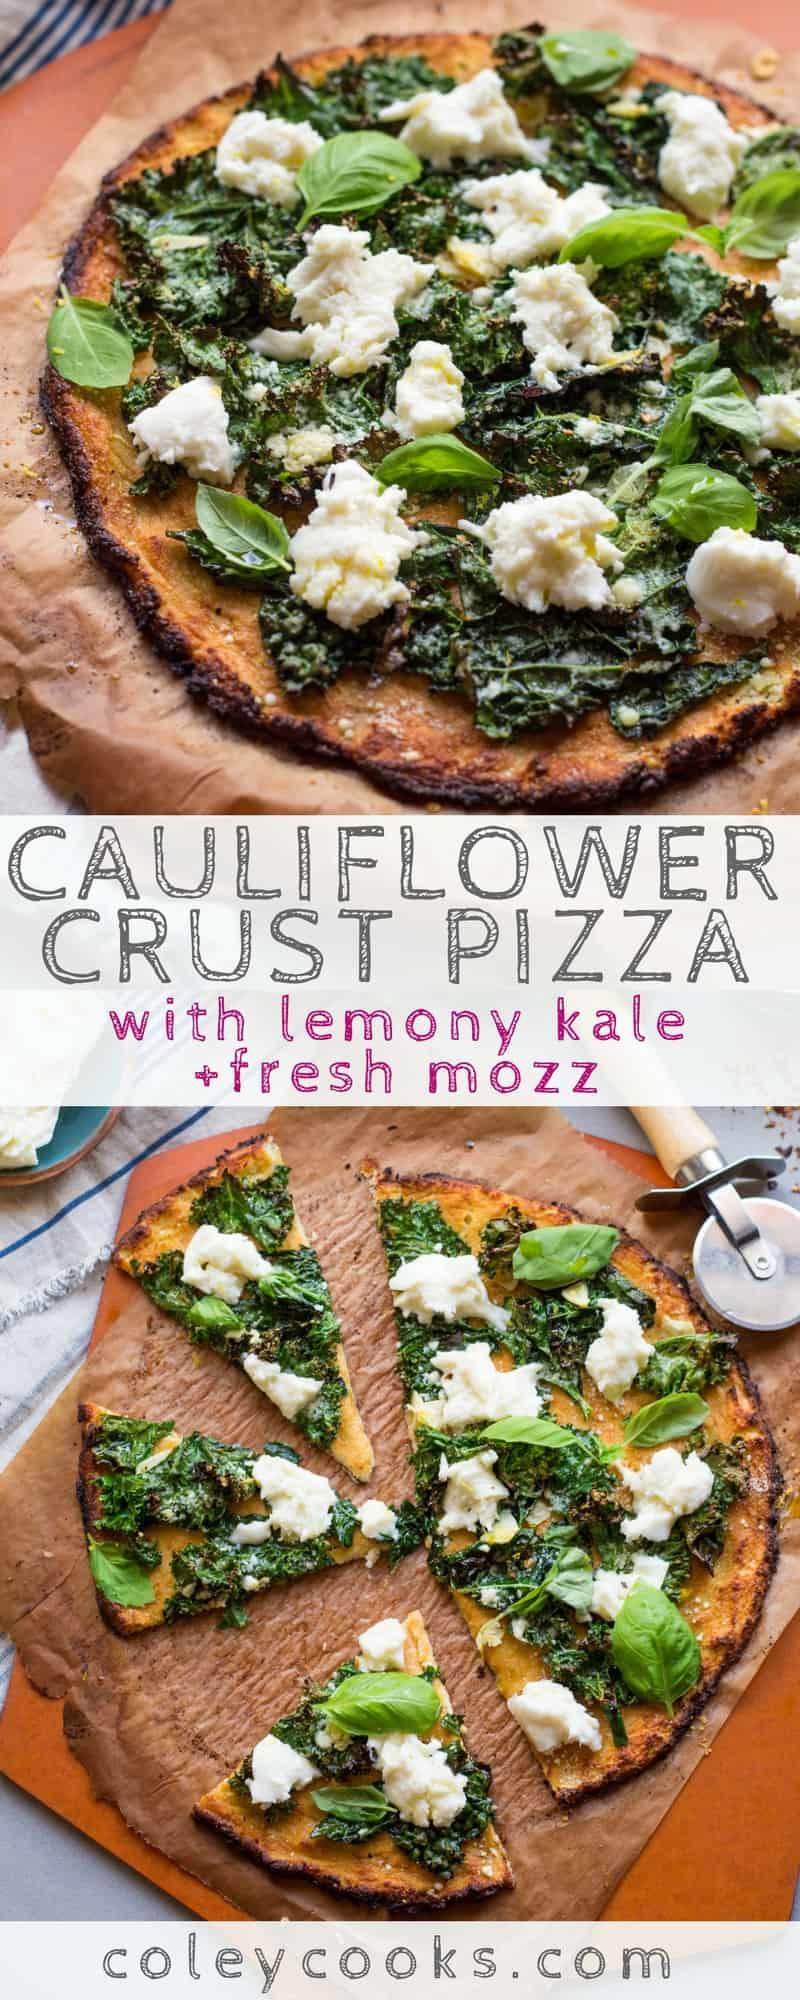 CAULIFLOWER CRUST PIZZA with LEMONY KALE + FRESH MOZZ | Easy + healthy cauliflower crust pizza with fresh mozzarella and lemony kale! | ColeyCooks.com